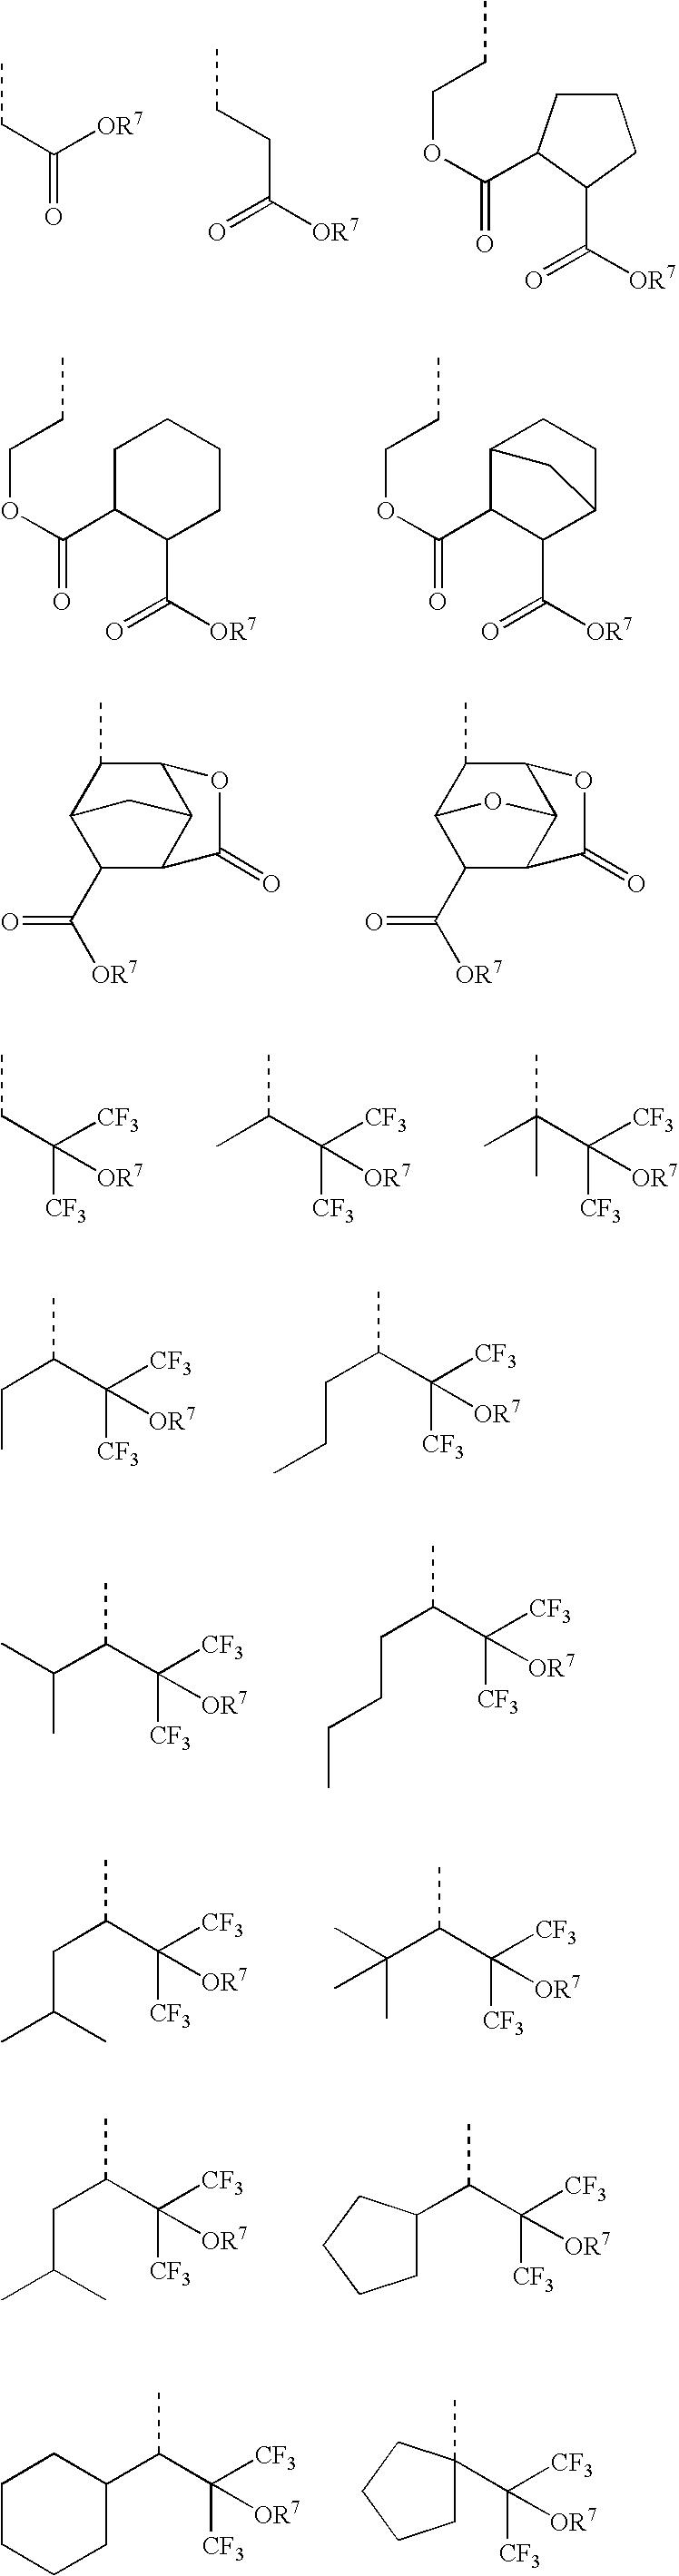 Figure US07537880-20090526-C00015